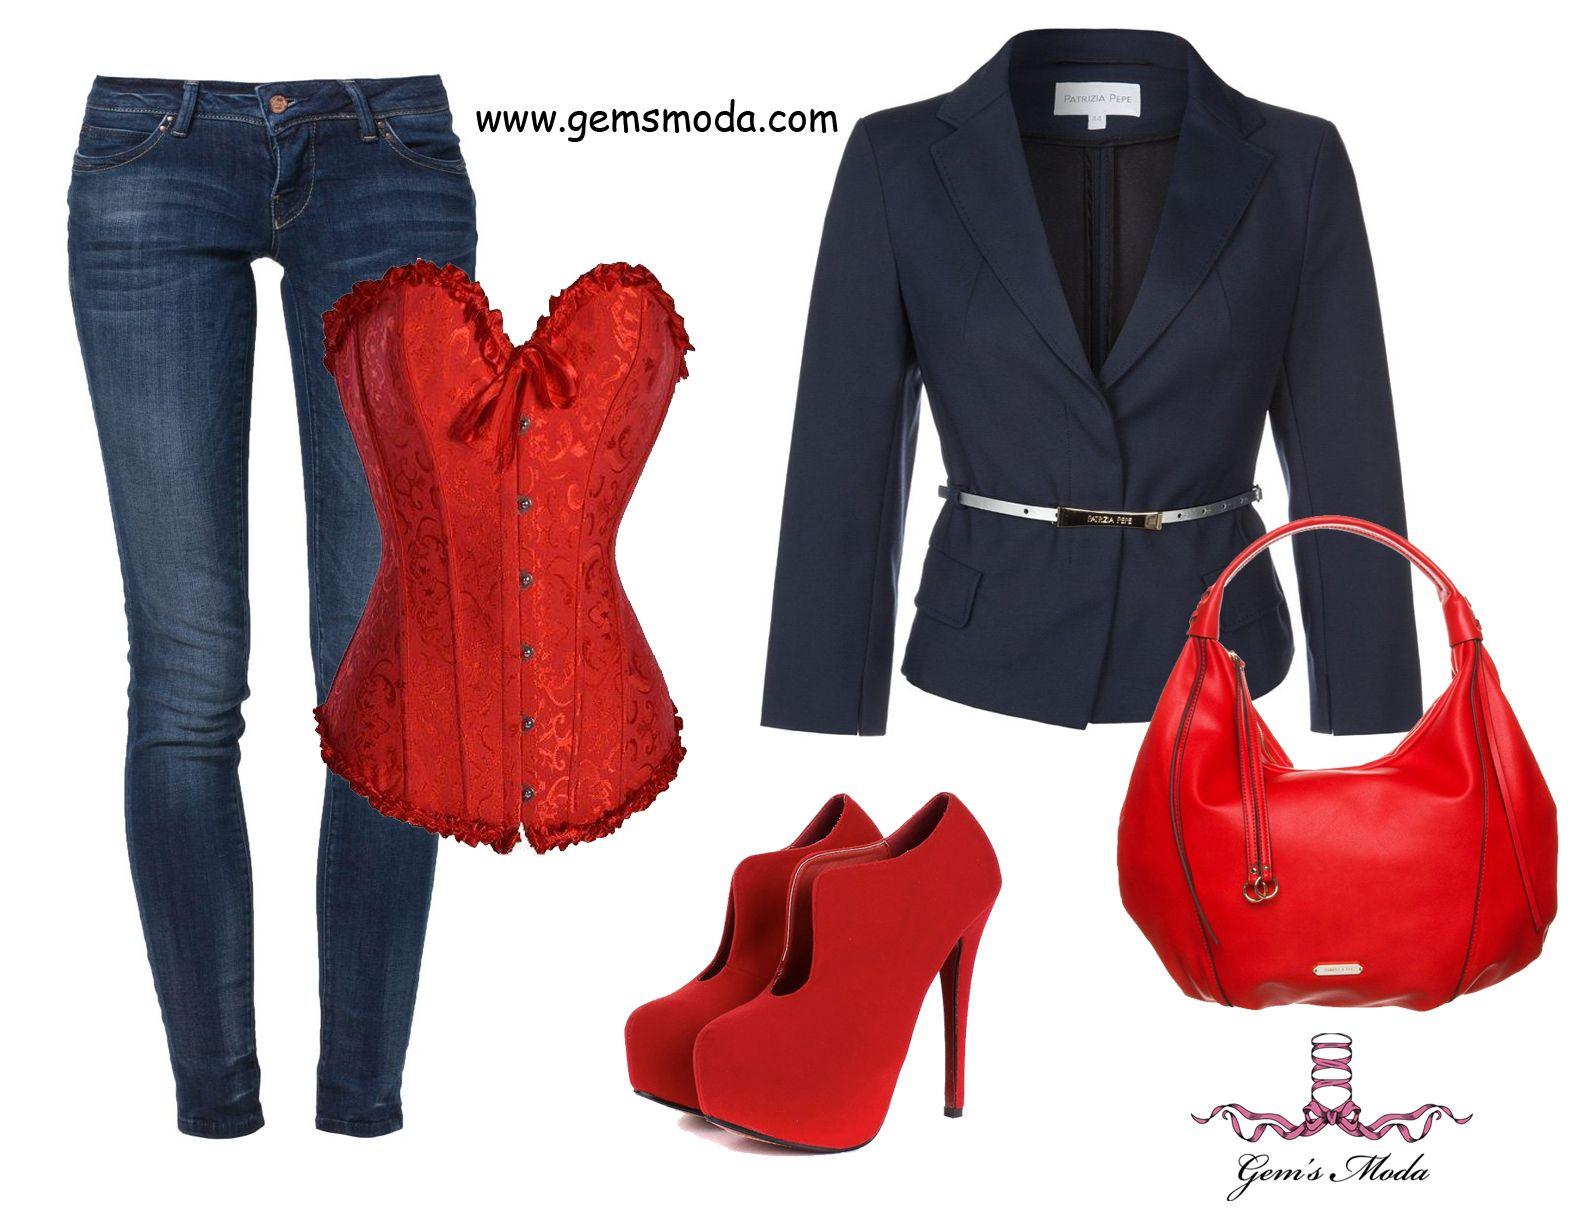 Outfit con corsé rojo, jeans, blazer y complementos a juego.